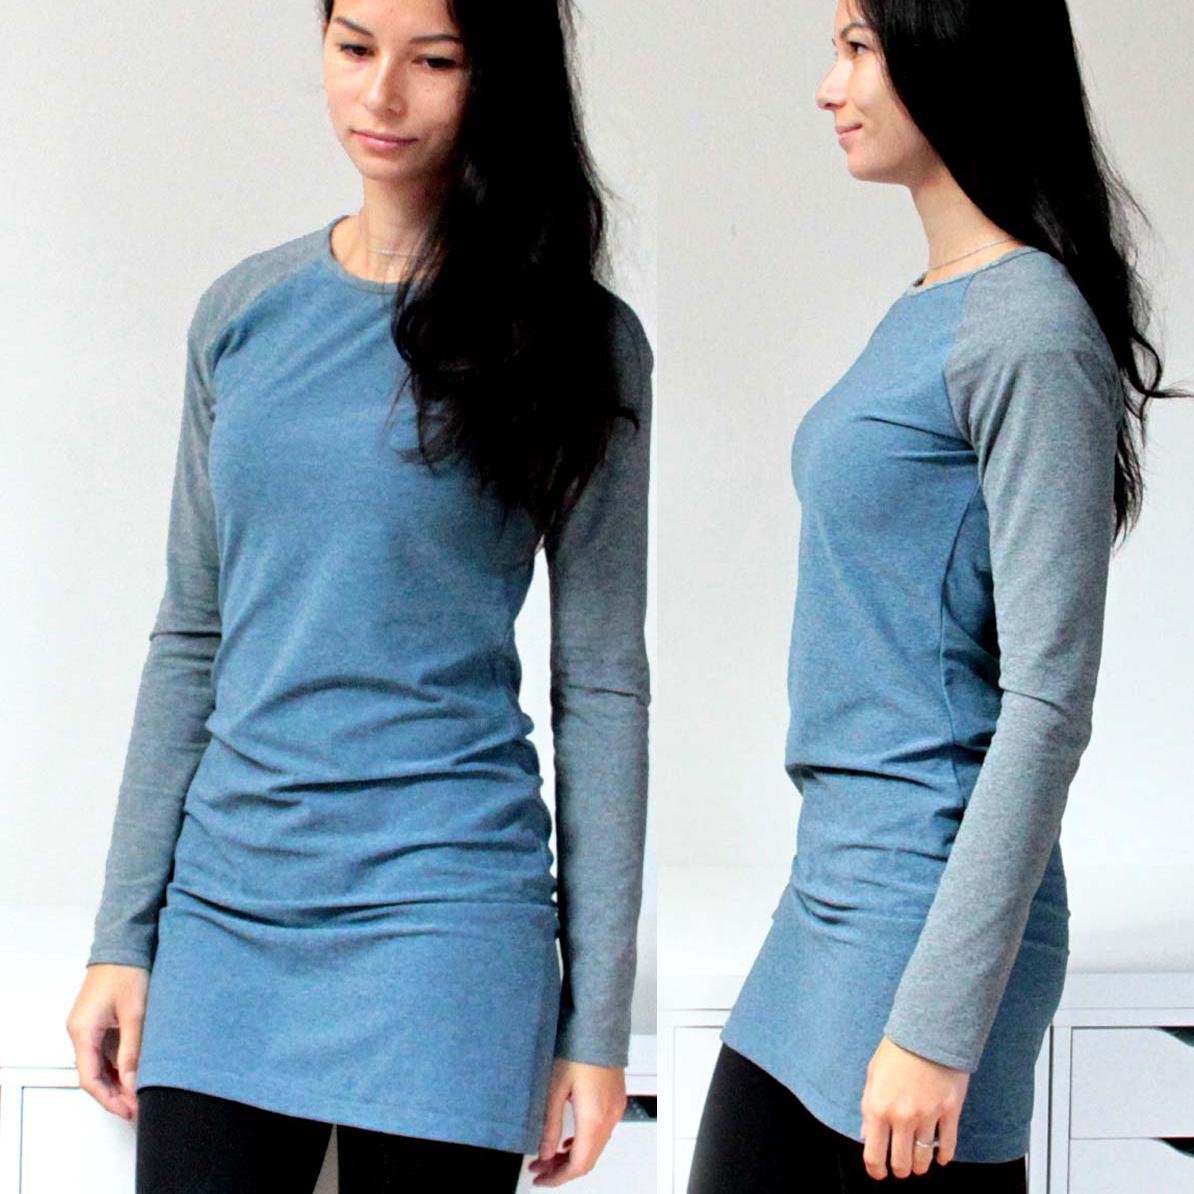 31f624ea1d0 STŘIH na delší dámské tričko (velikosti 34 - 50)   Zboží prodejce ...